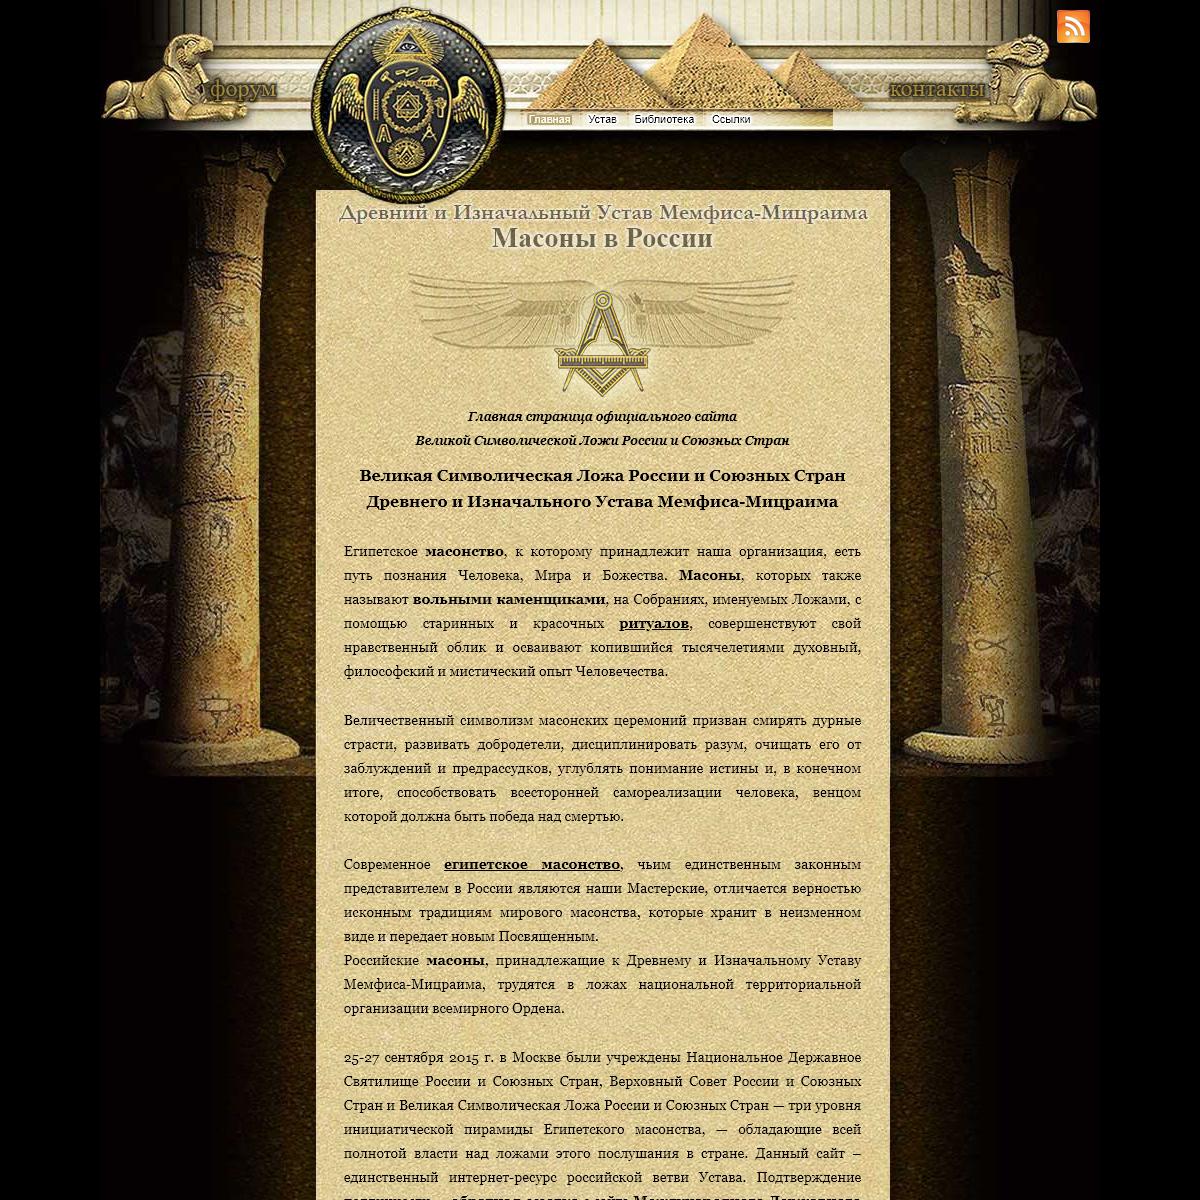 Великая Символическая Ложа России и Союзных Стран